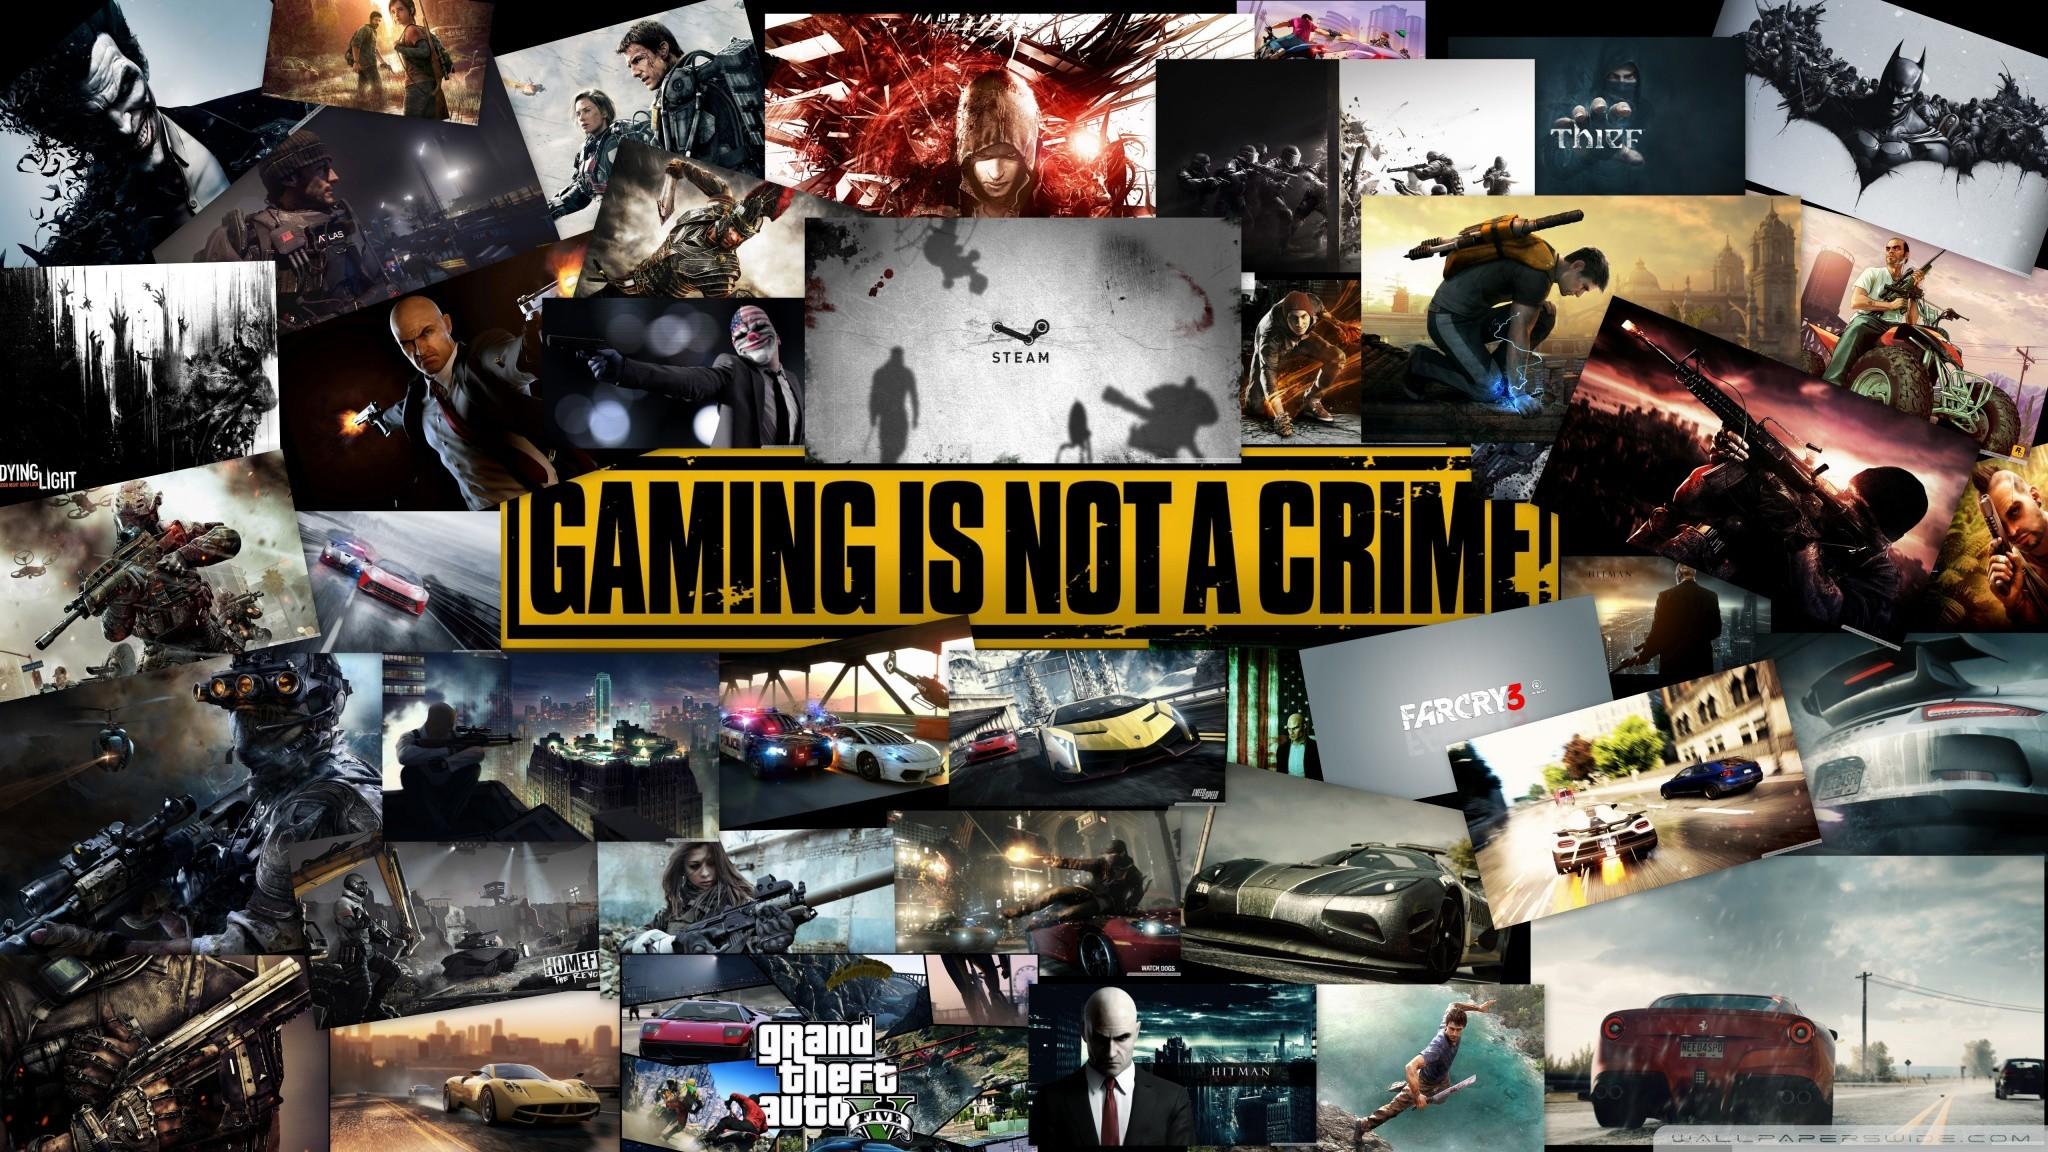 86 20481152 Gaming